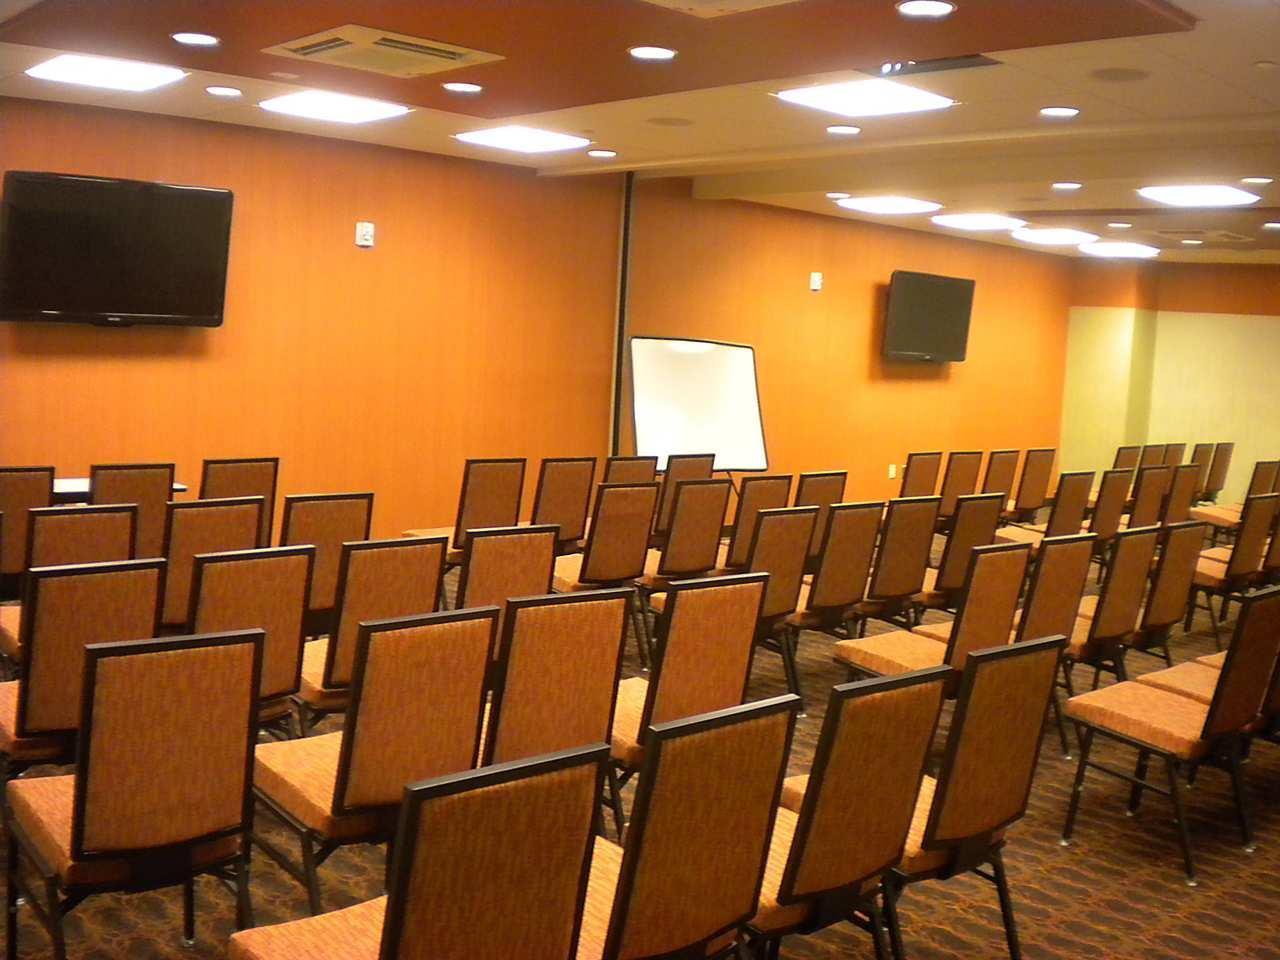 Hampton Inn & Suites Cincinnati/Uptown-University Area image 14